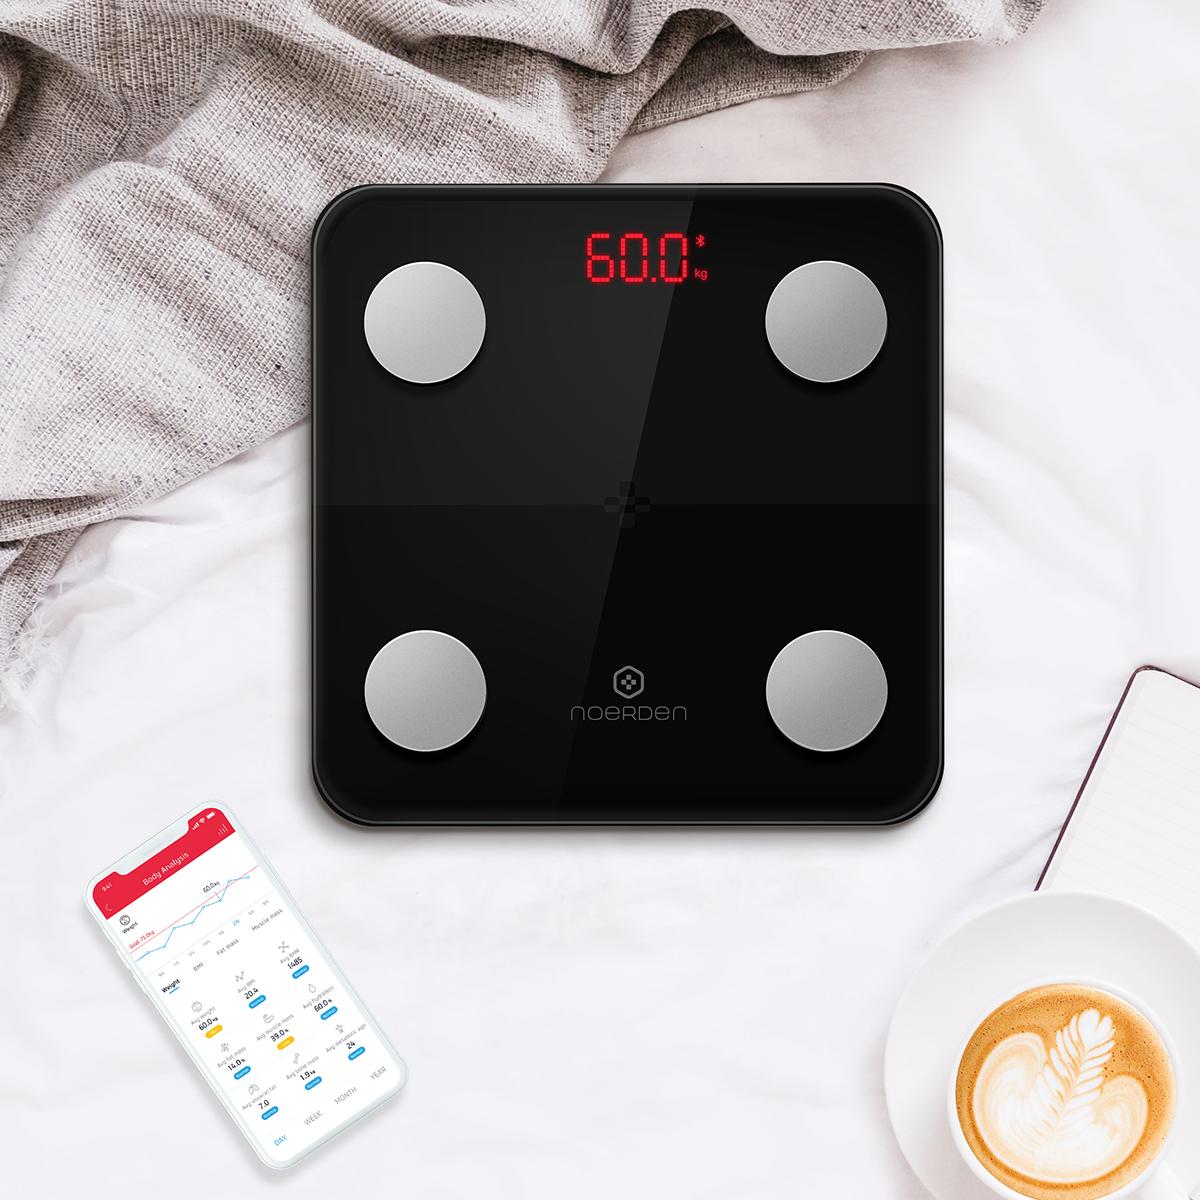 体型や健康が気になる、ダイエットも運動も続かない人におすすめ、楽しく続けられる「スマート体重計」|MINIMI(ミニミ)